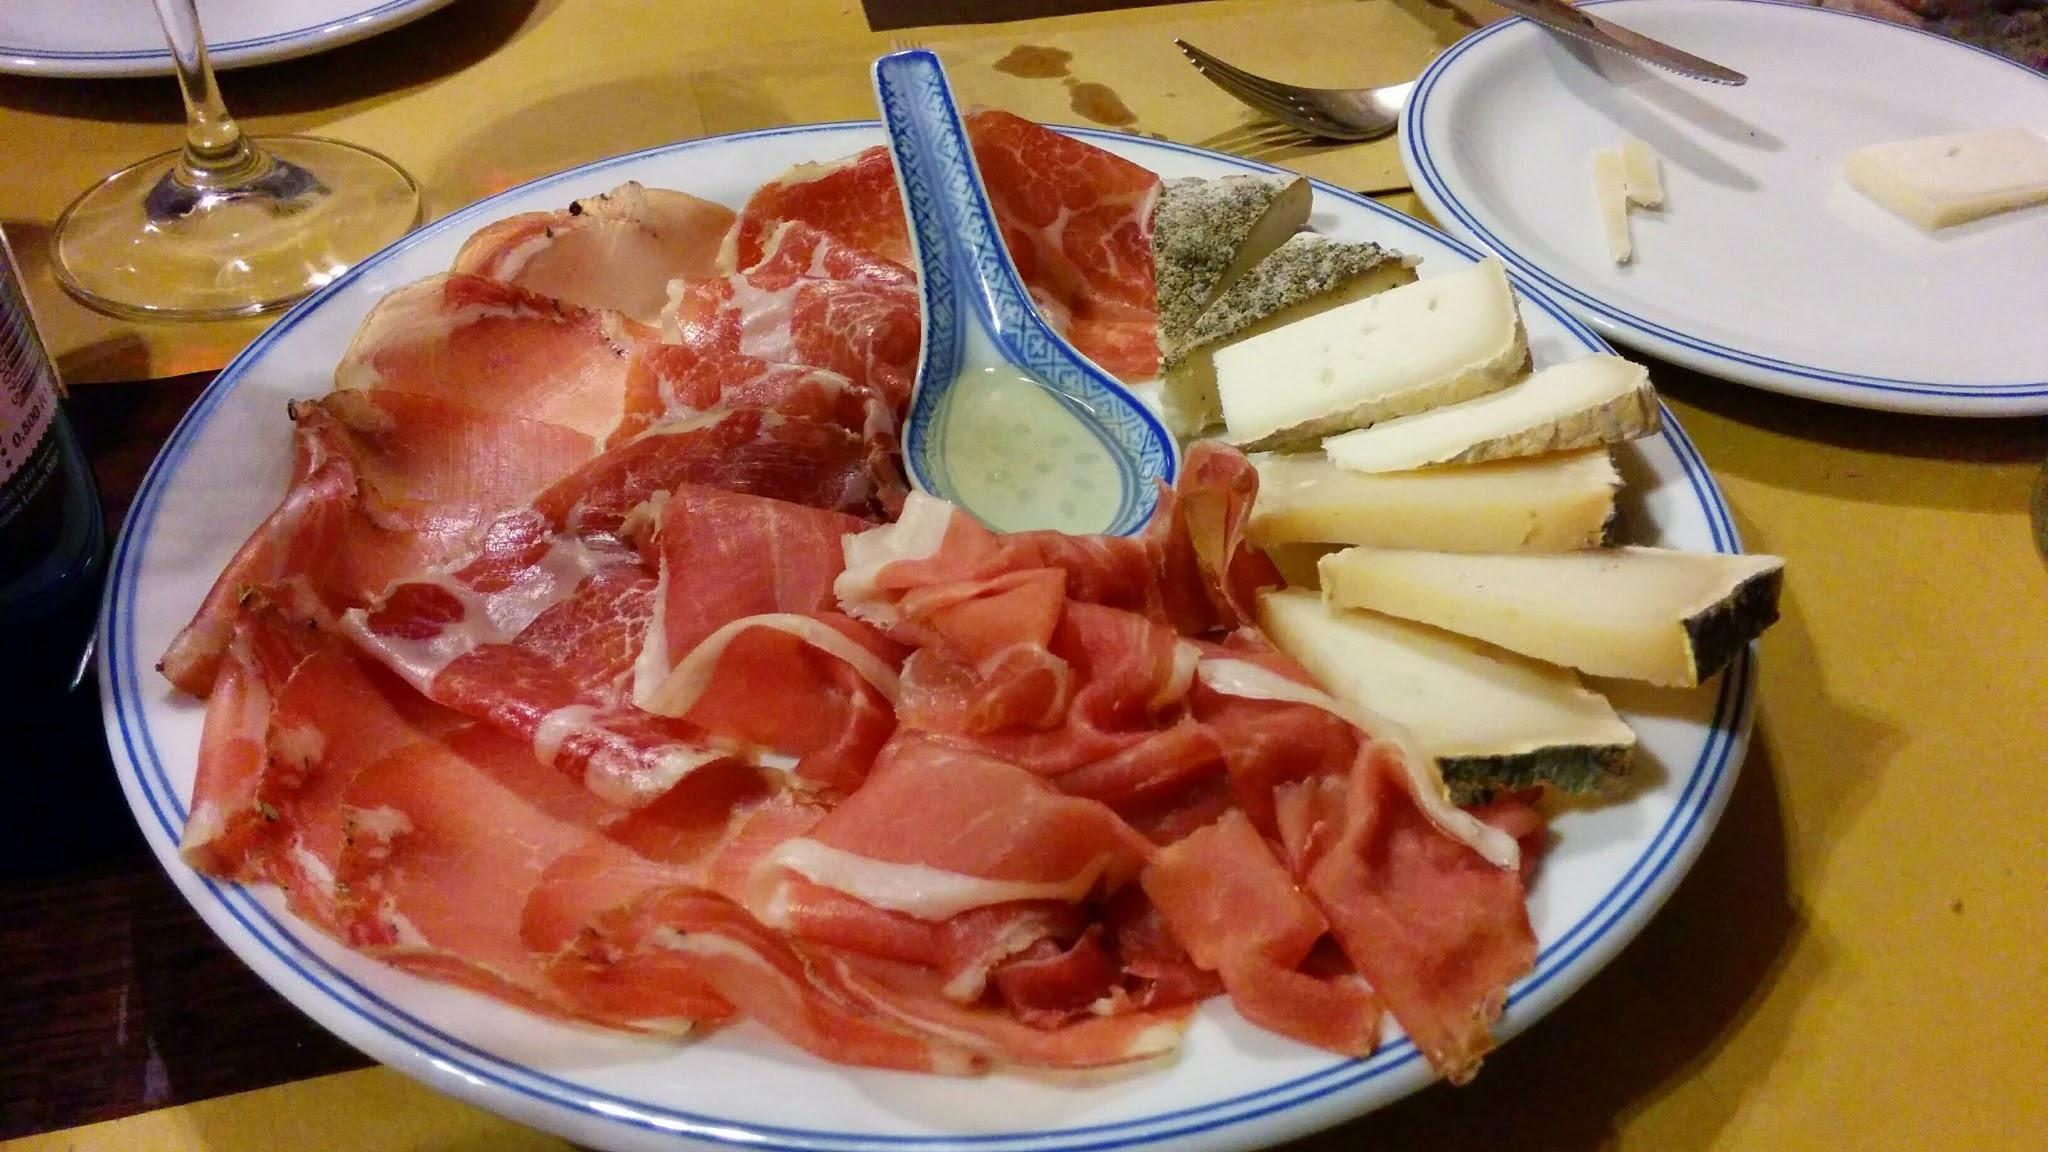 La Morra (CN): Delicious salumi at Vineria San Giorgio